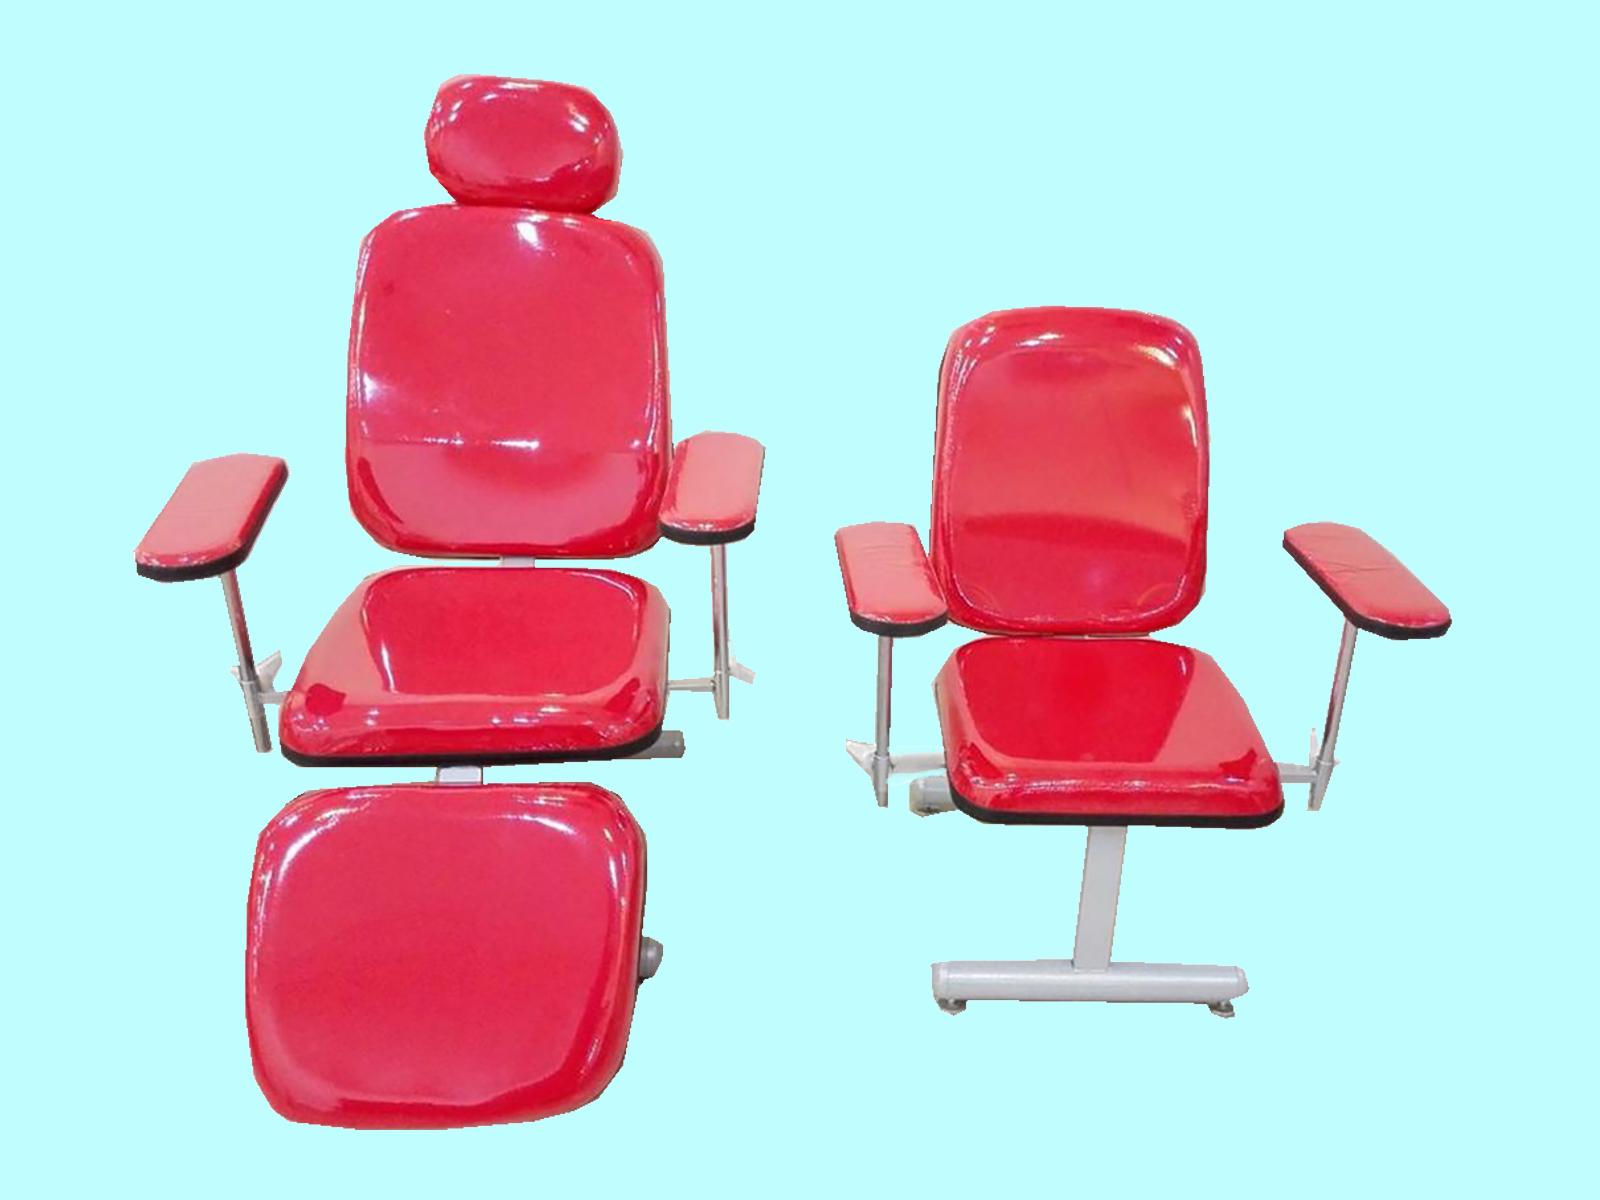 مشخصات و ویژگی های صندلی خونگیری